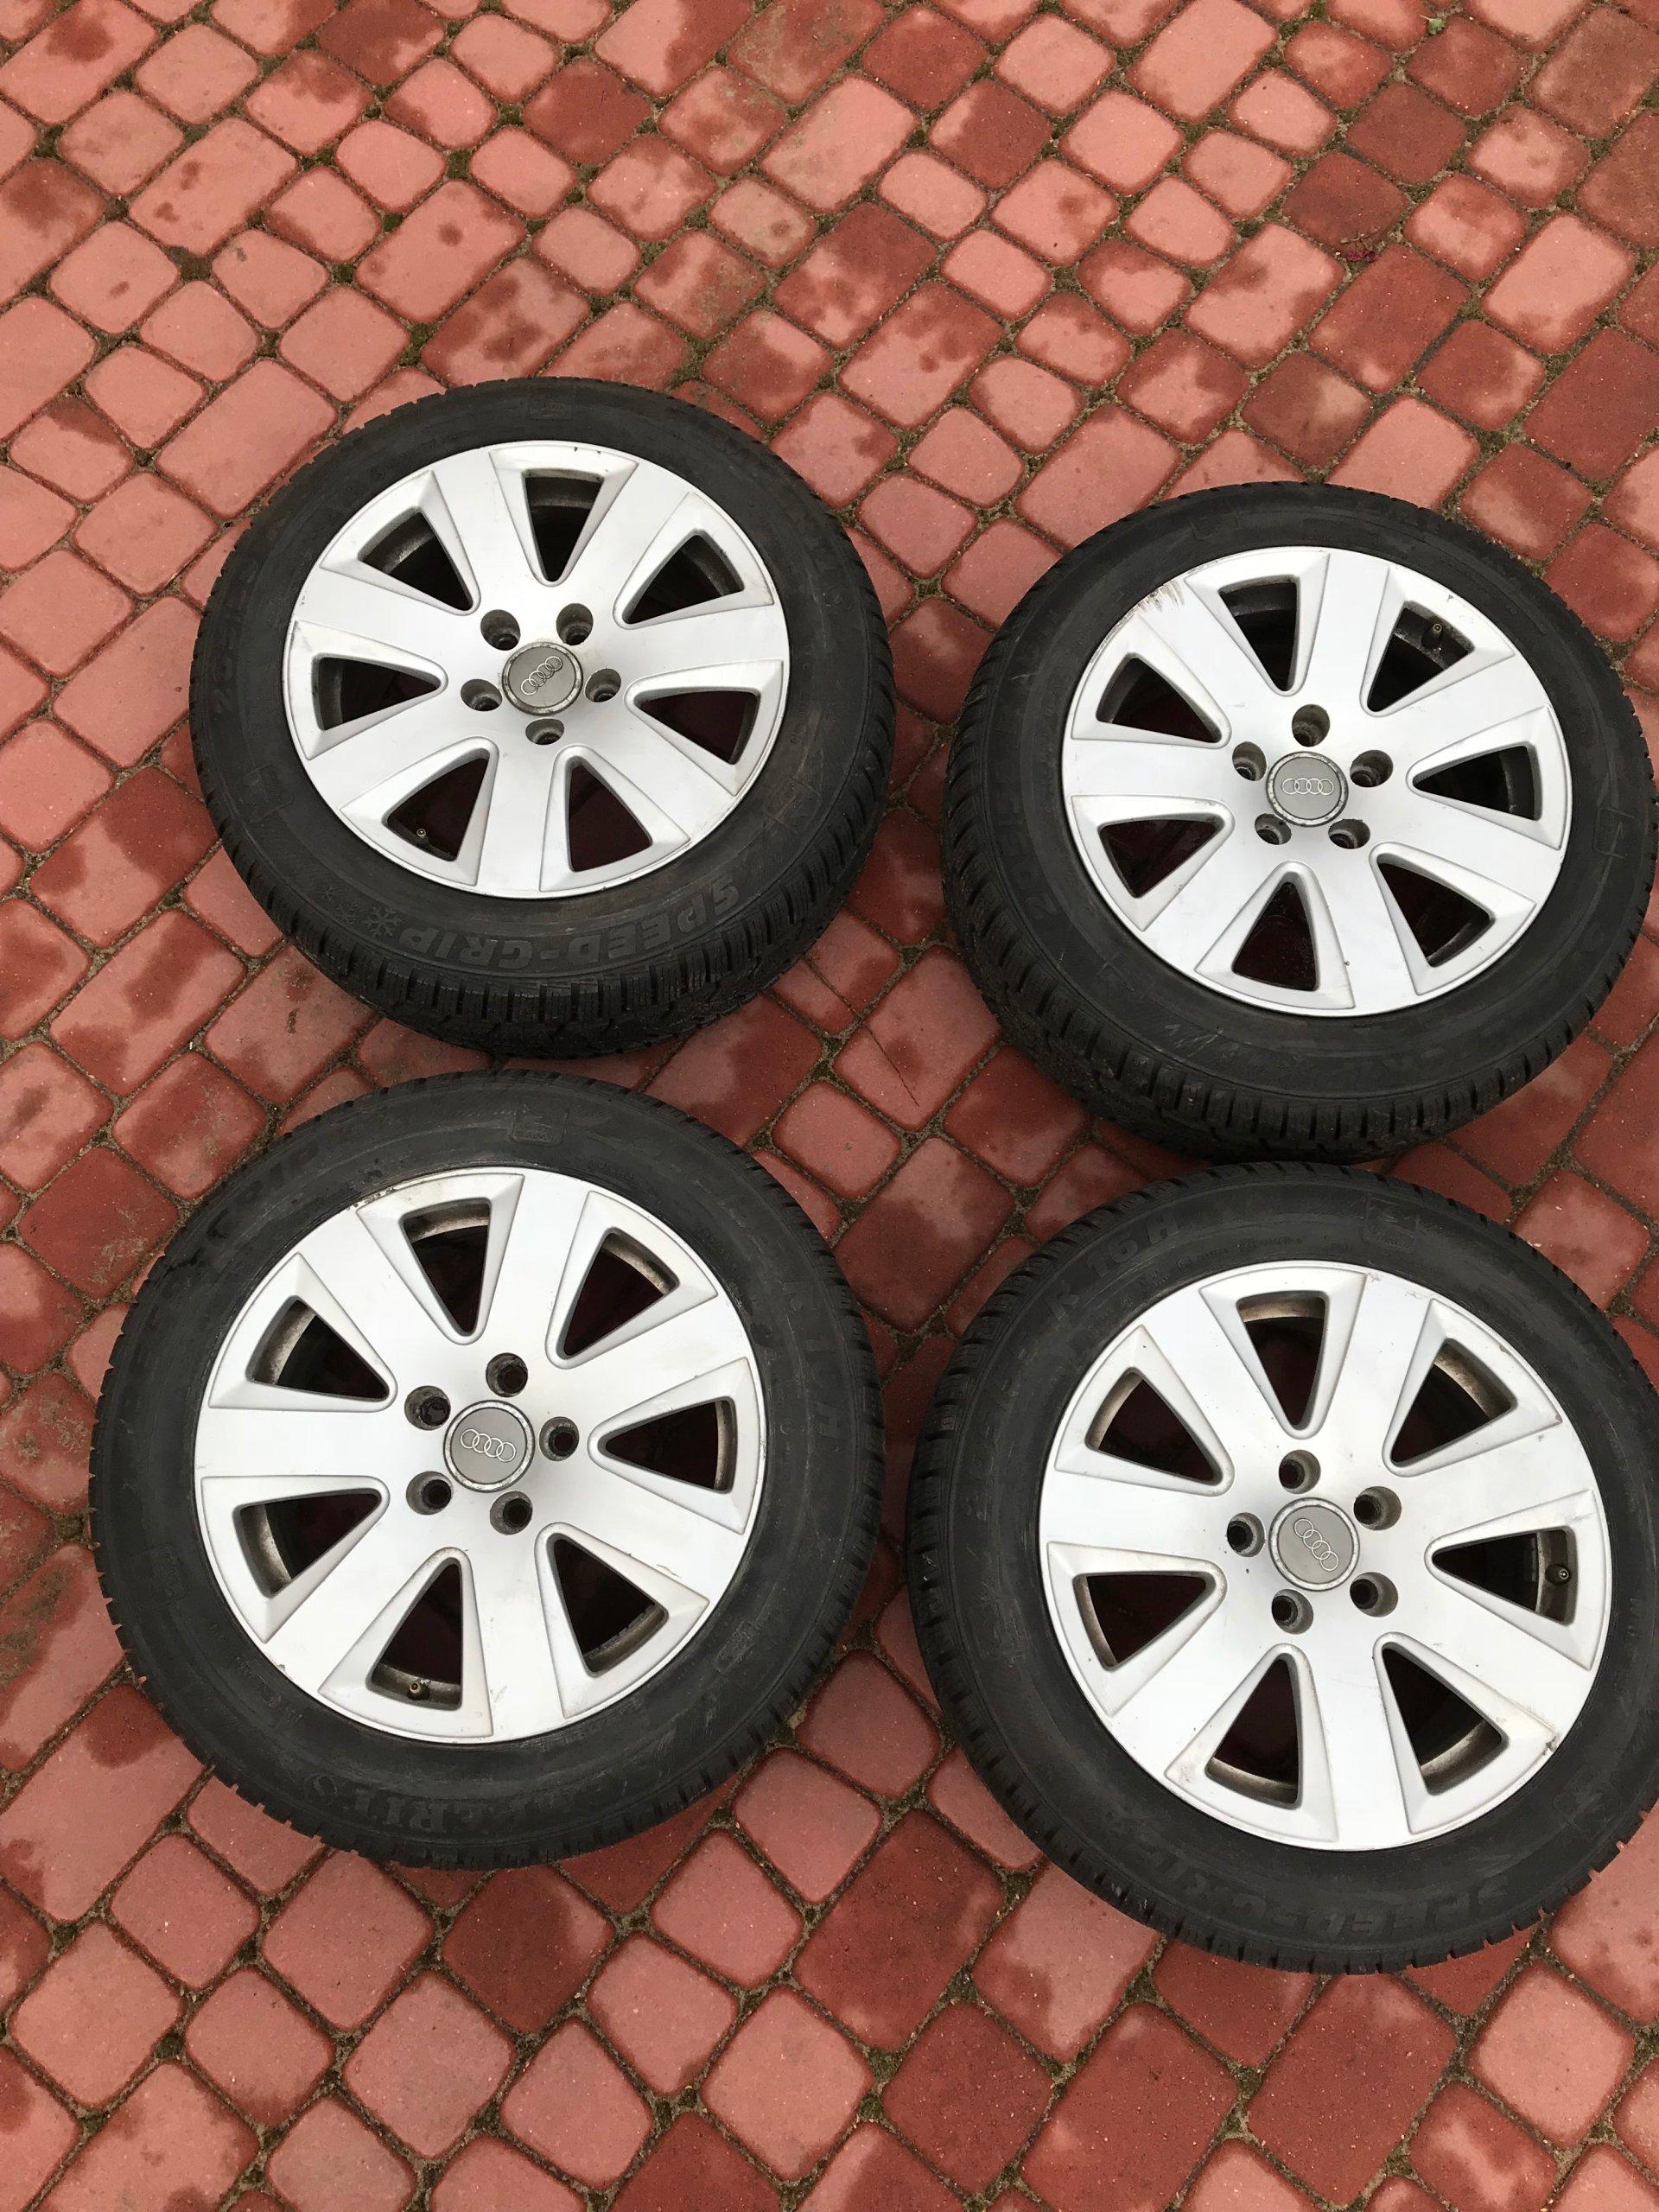 Alufelgi Audi A6 C6 5x112 R 16 Opony Zima 7095807468 Oficjalne